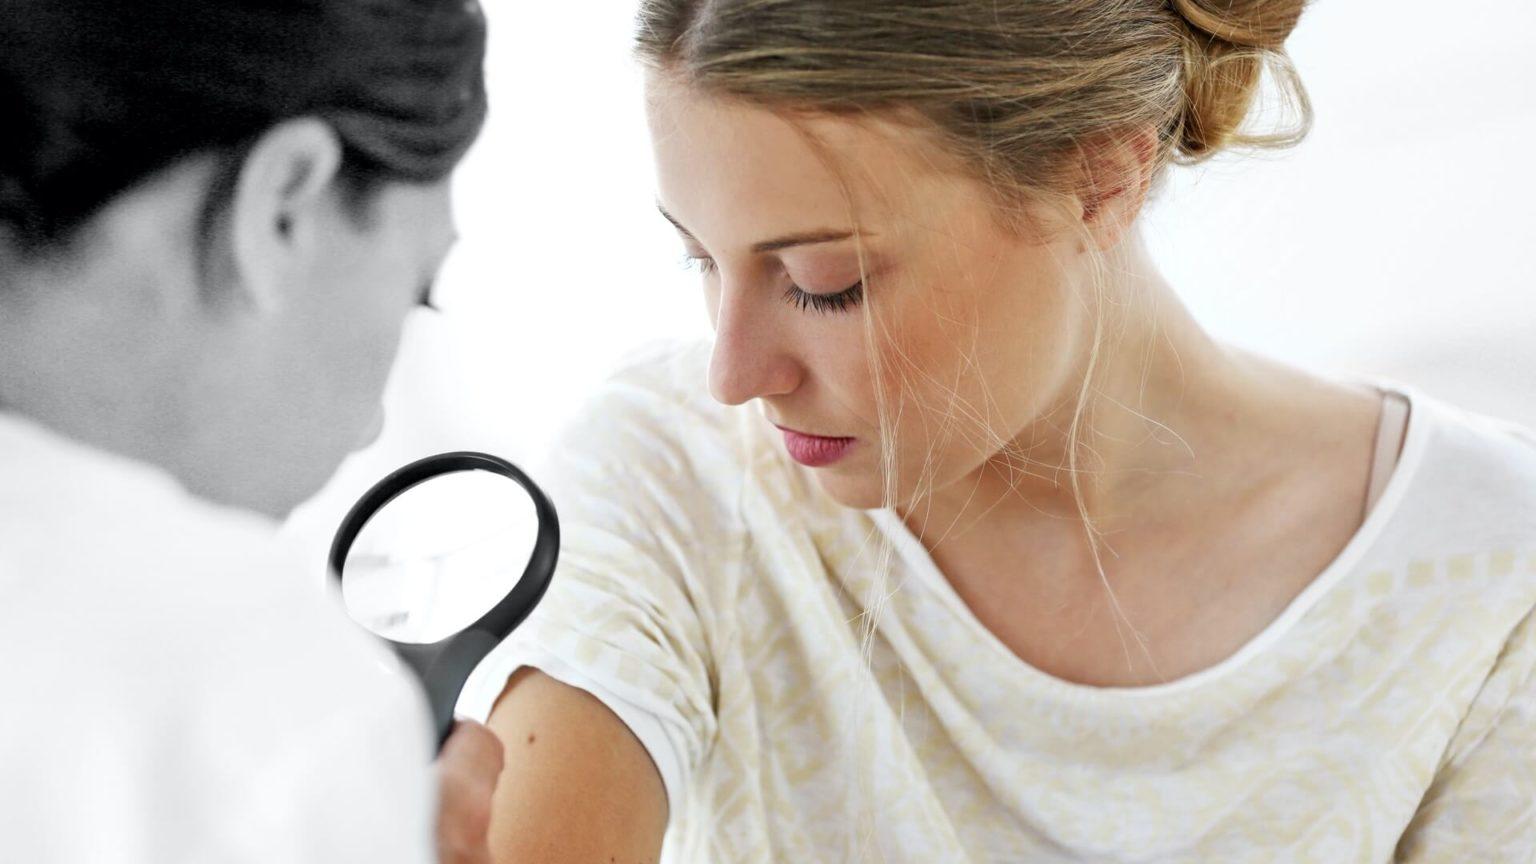 Eine Ärztin untersucht einen Leberfleck auf dem Oberarm einer Frau